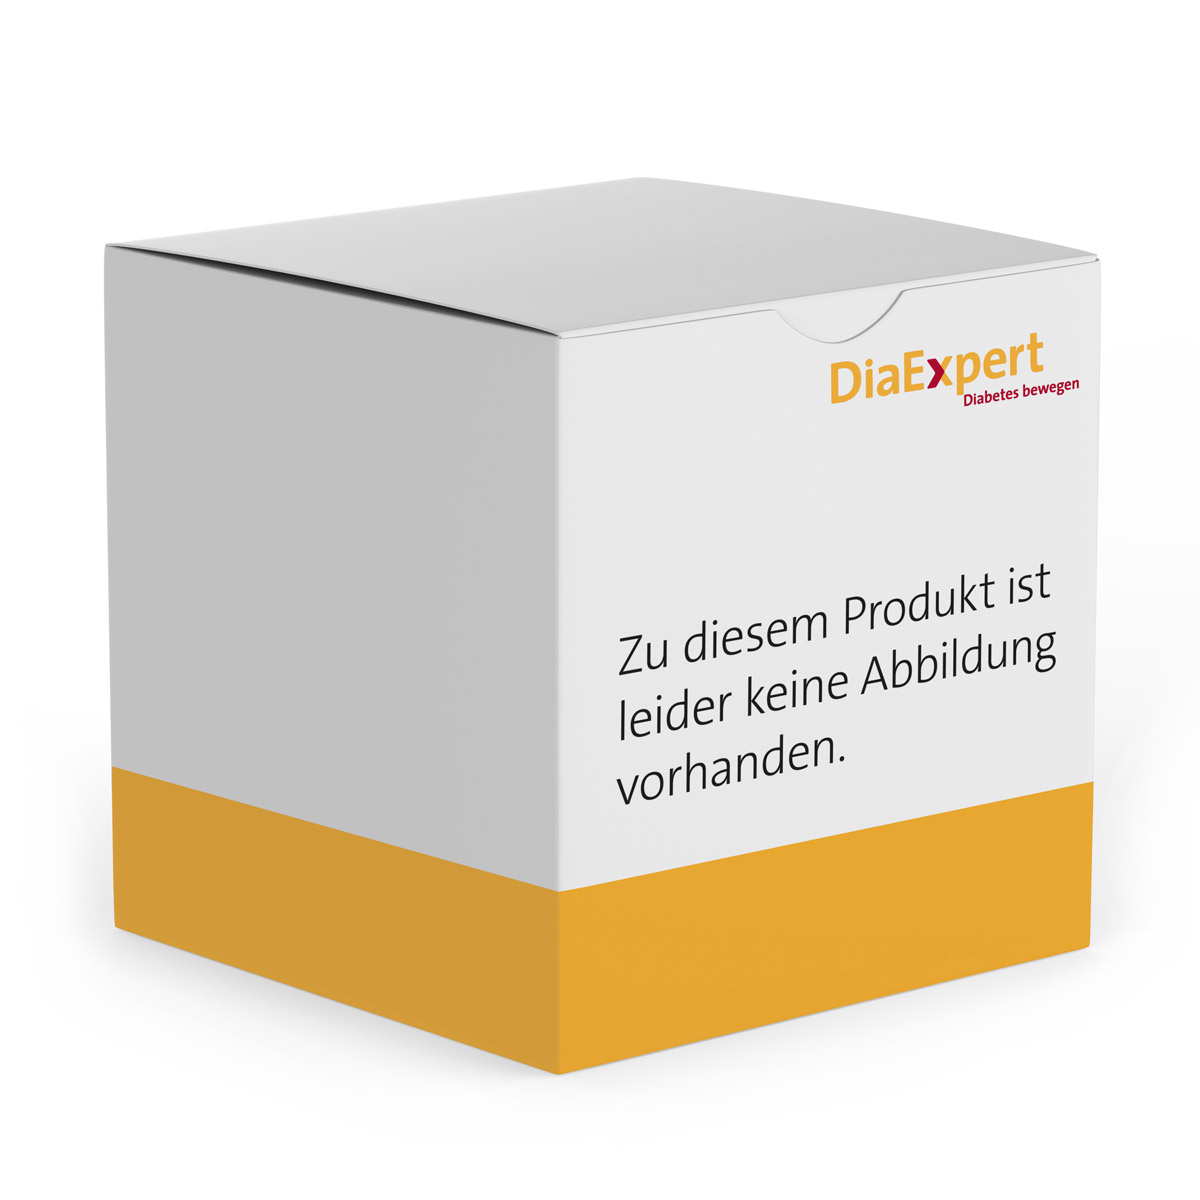 Jubin Zuckerlösung: flüssige Traubenzuckerenergie für Diabetiker.